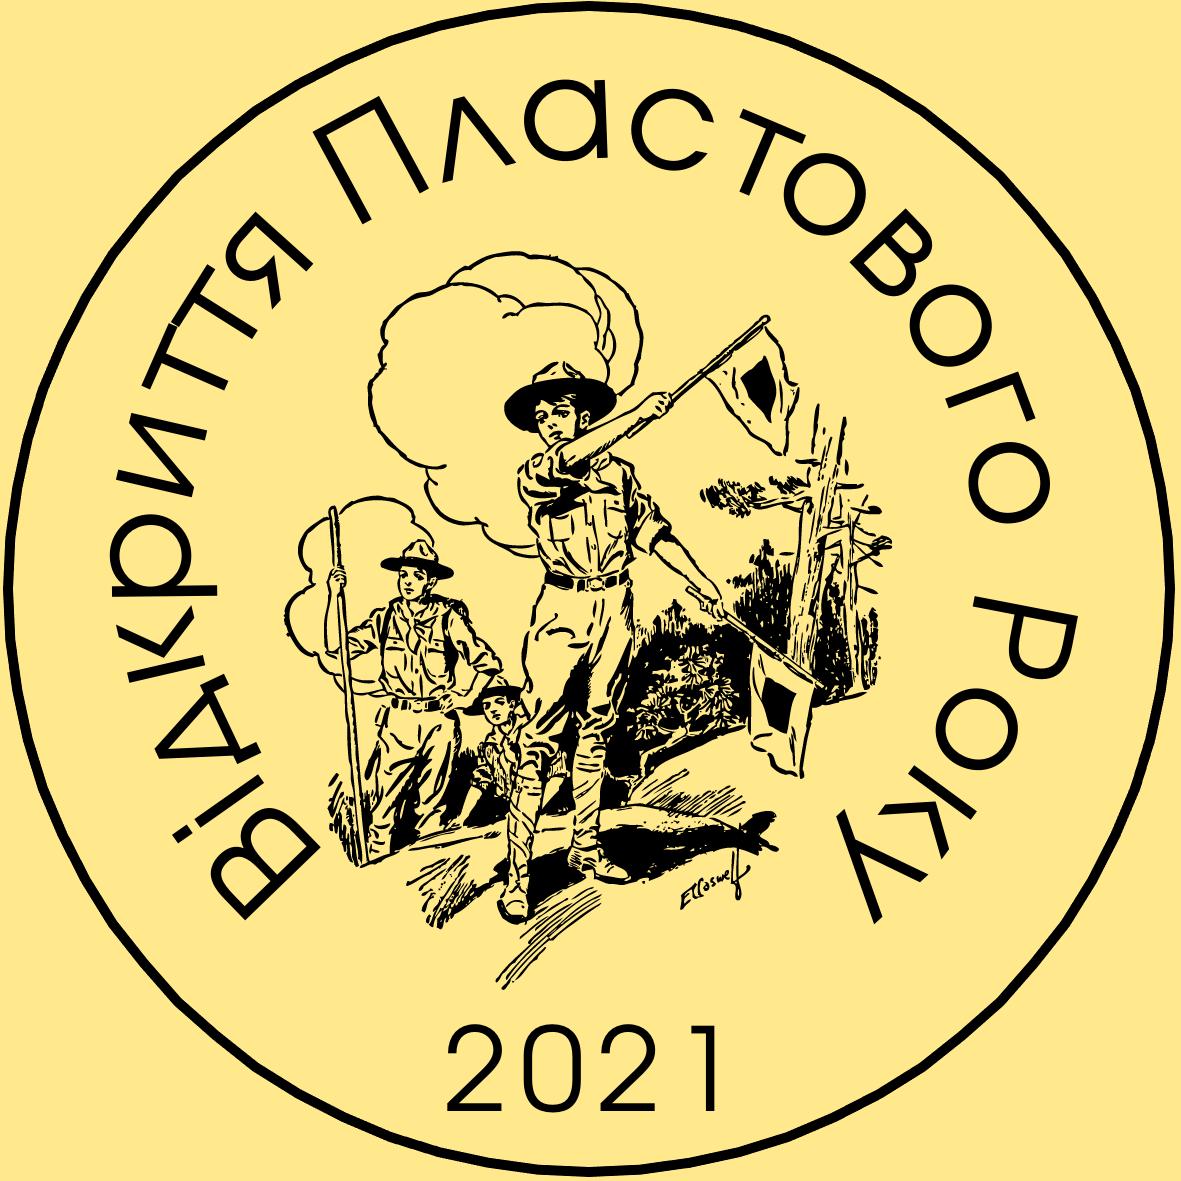 Ужгородський Пласт запрошує на Відкриття Пластового Року